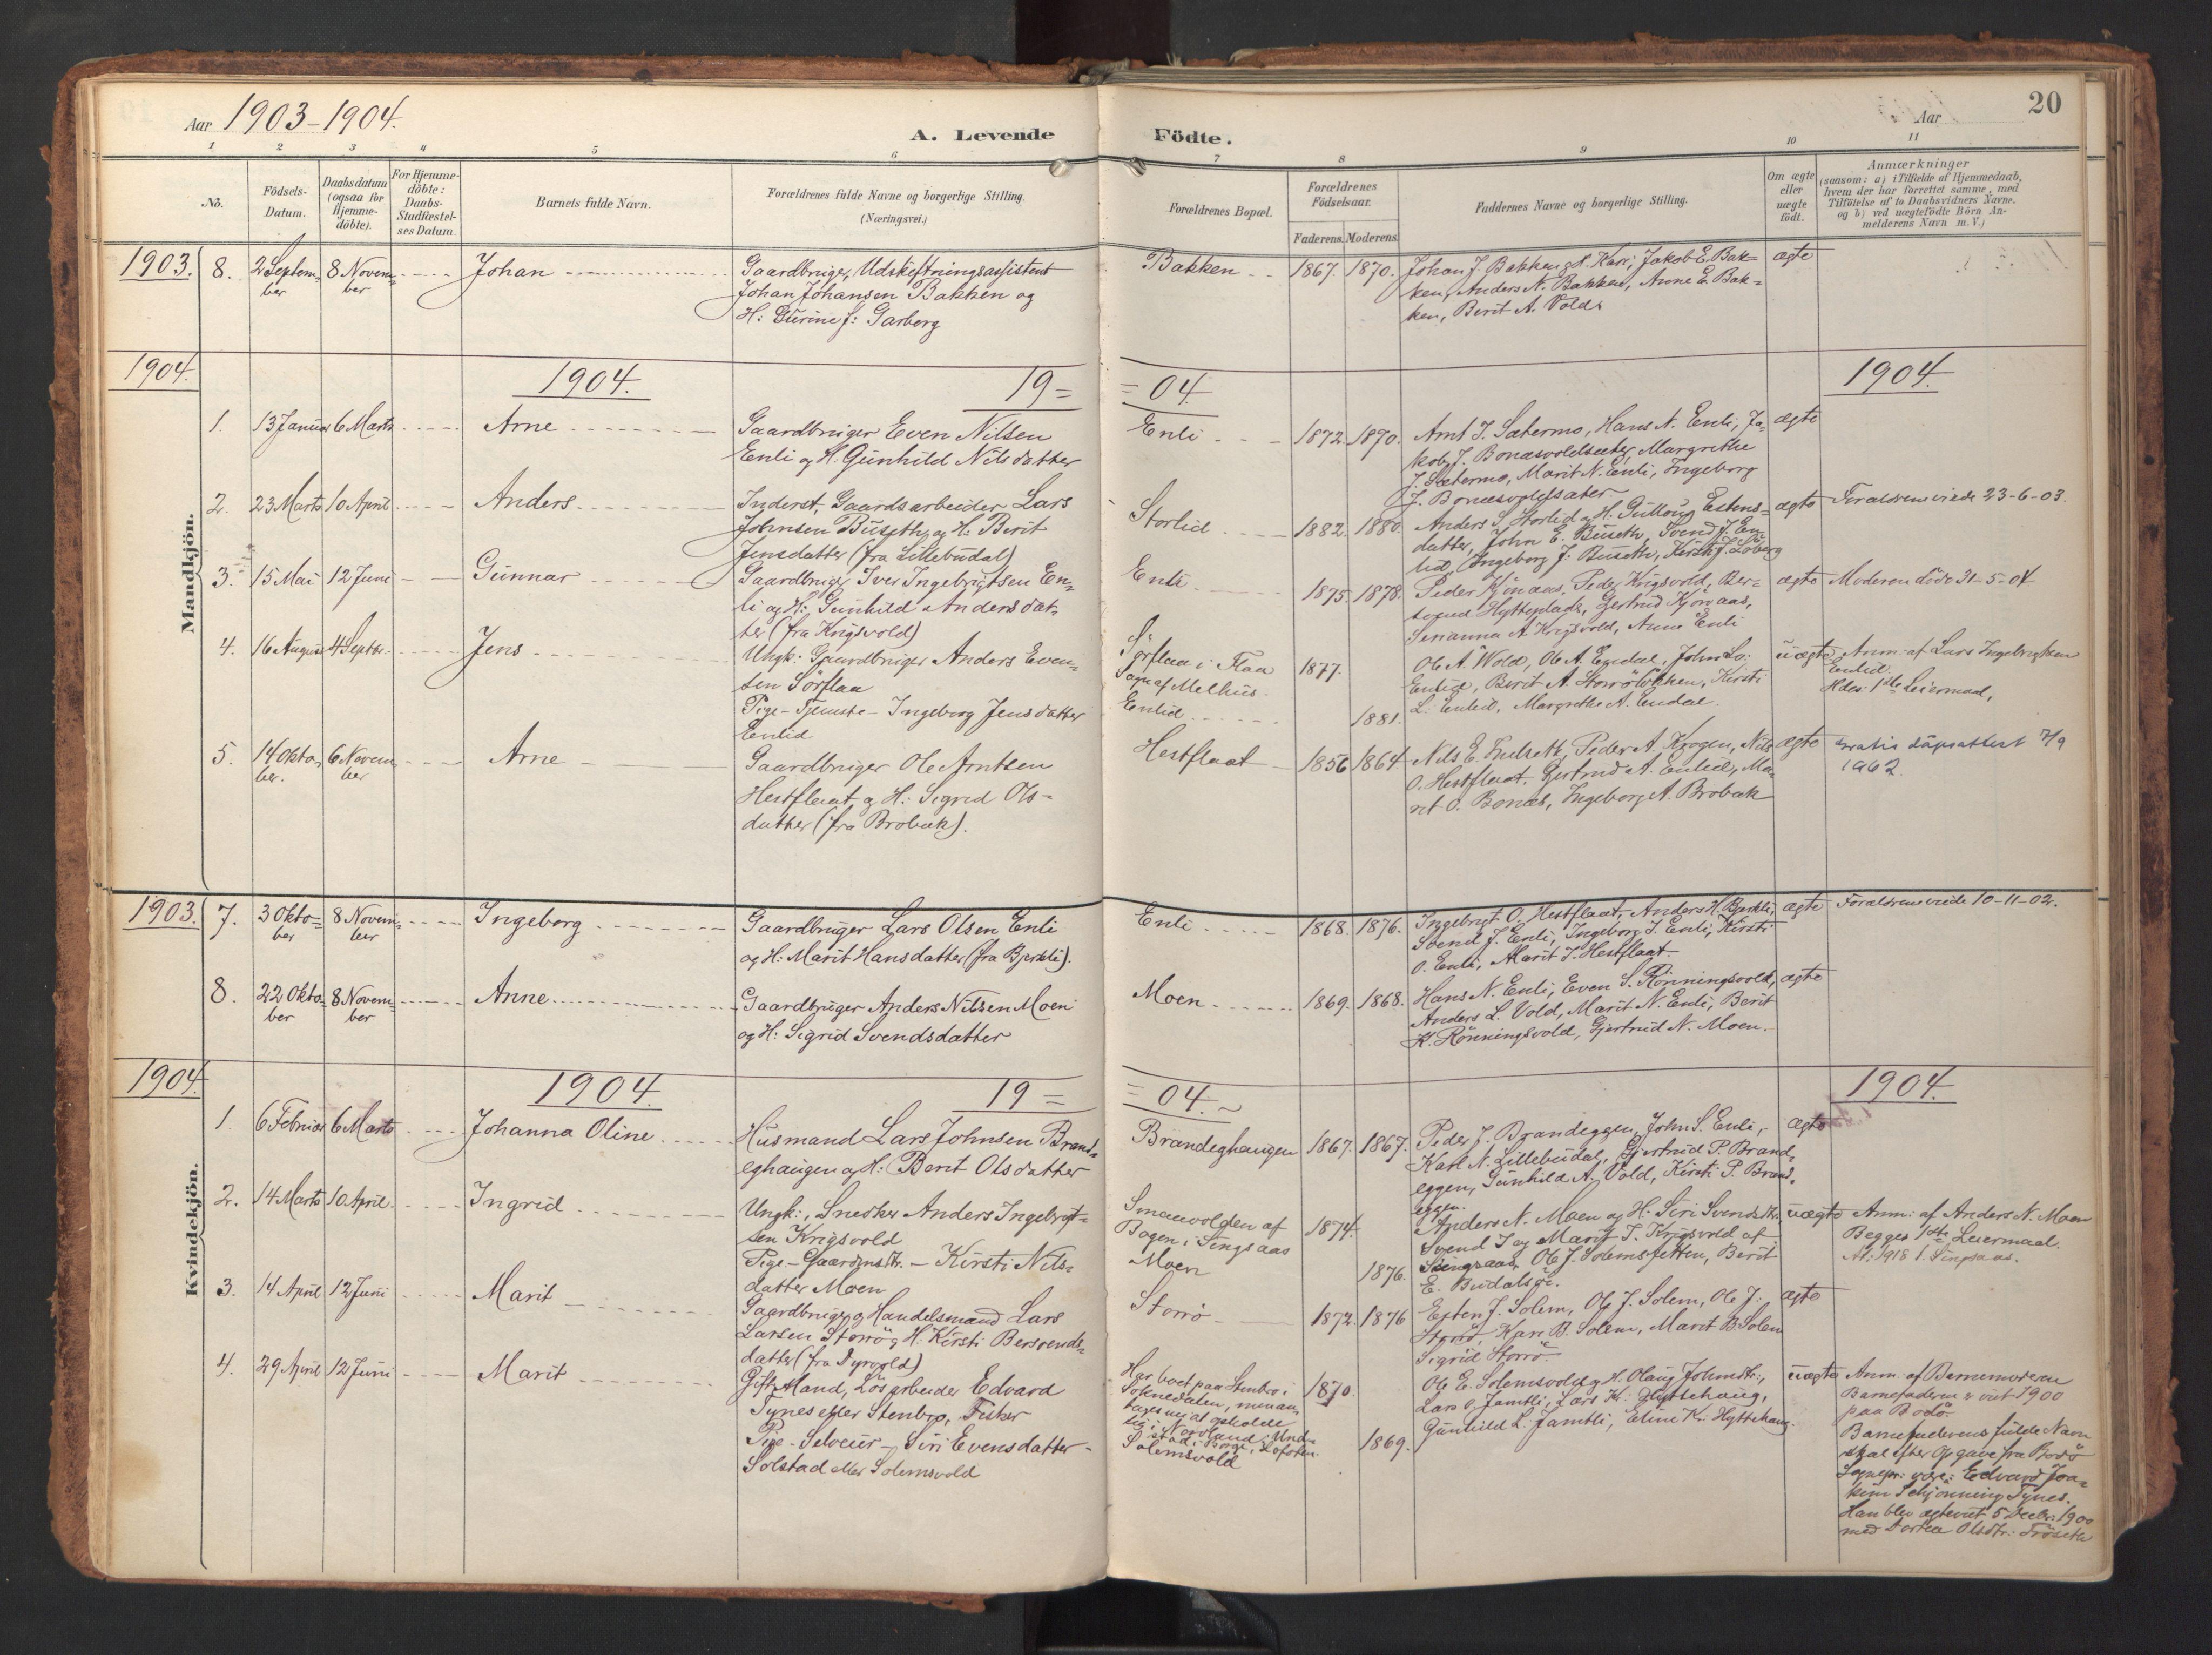 SAT, Ministerialprotokoller, klokkerbøker og fødselsregistre - Sør-Trøndelag, 690/L1050: Ministerialbok nr. 690A01, 1889-1929, s. 20